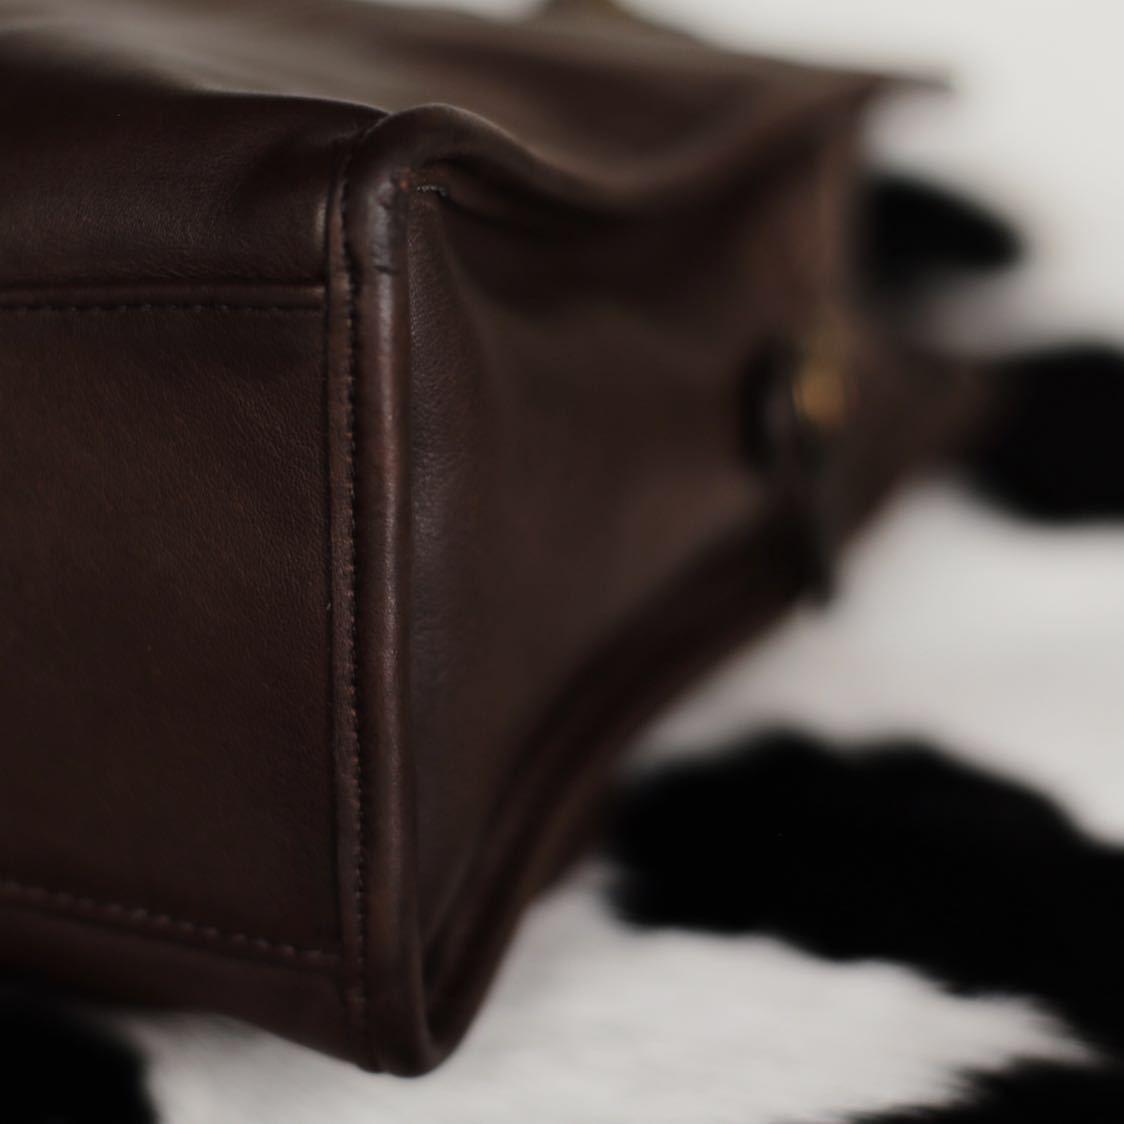 極美品 美品 コーチ COACH ハンドバッグ バッグ ビジネスバッグ 茶 ダークブラウン レザー メンズバッグ 牛革 15万 オールドコーチ _画像5